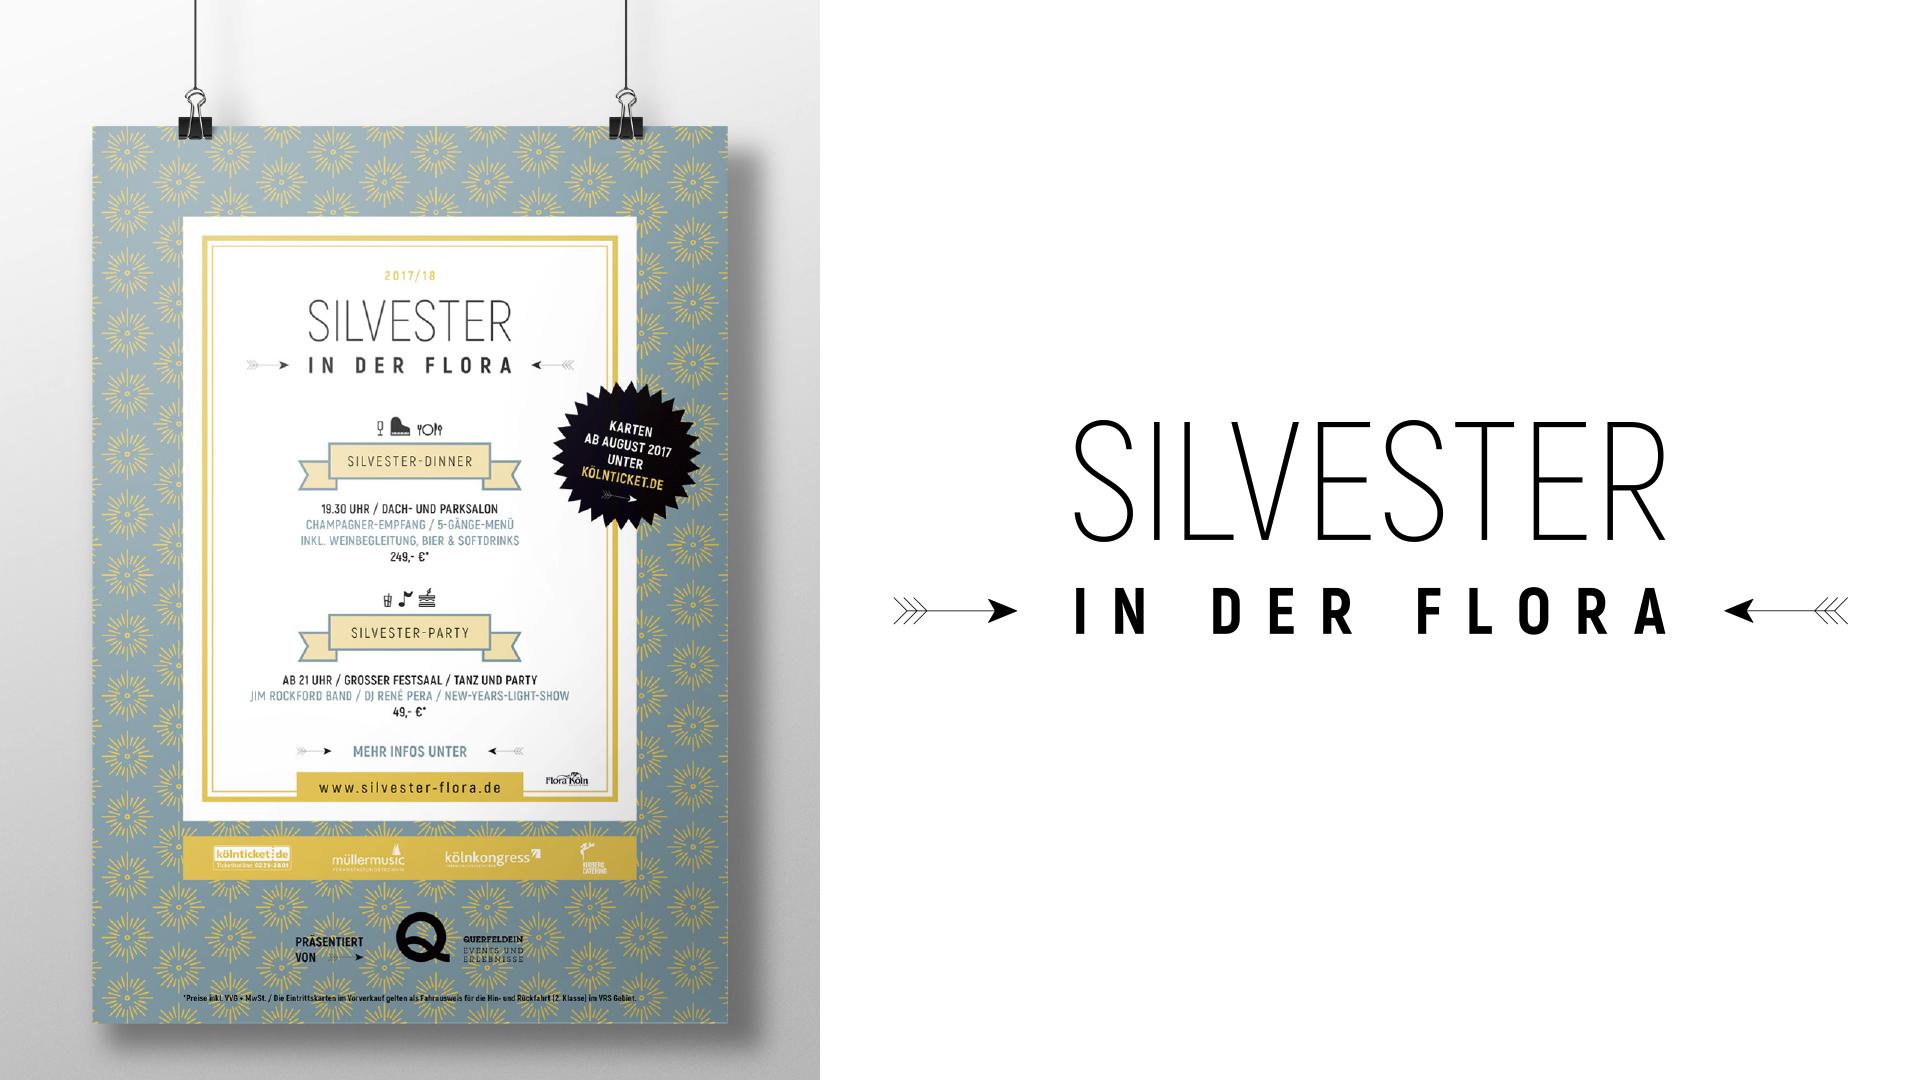 Fischer Marketing Text Design